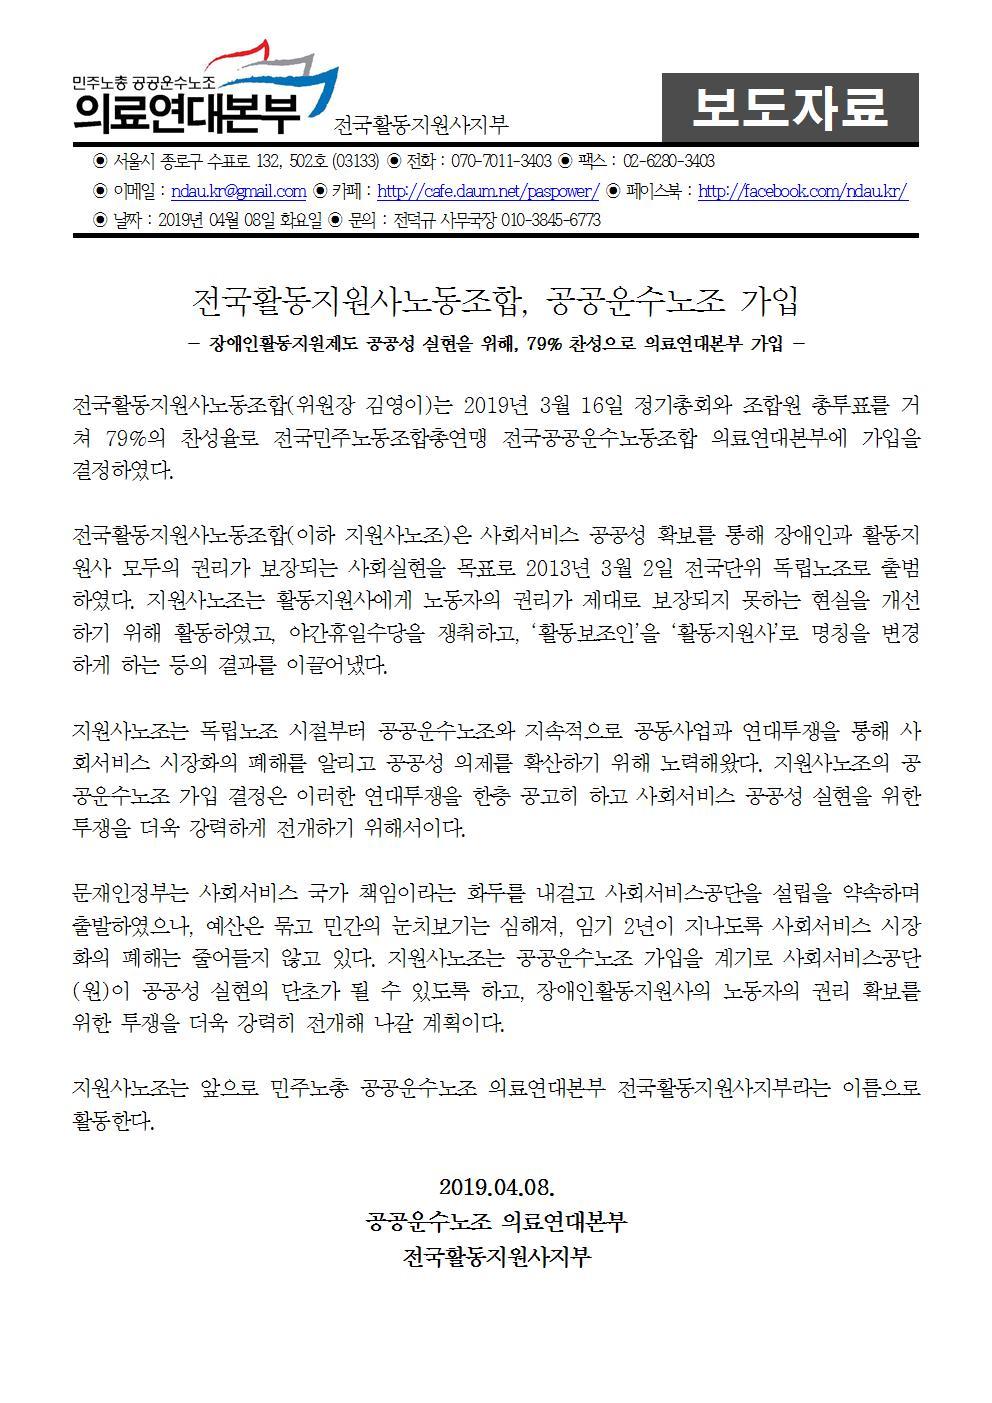 20190402_전국활동지원사노조공공운수노조가입보도자료001.jpg